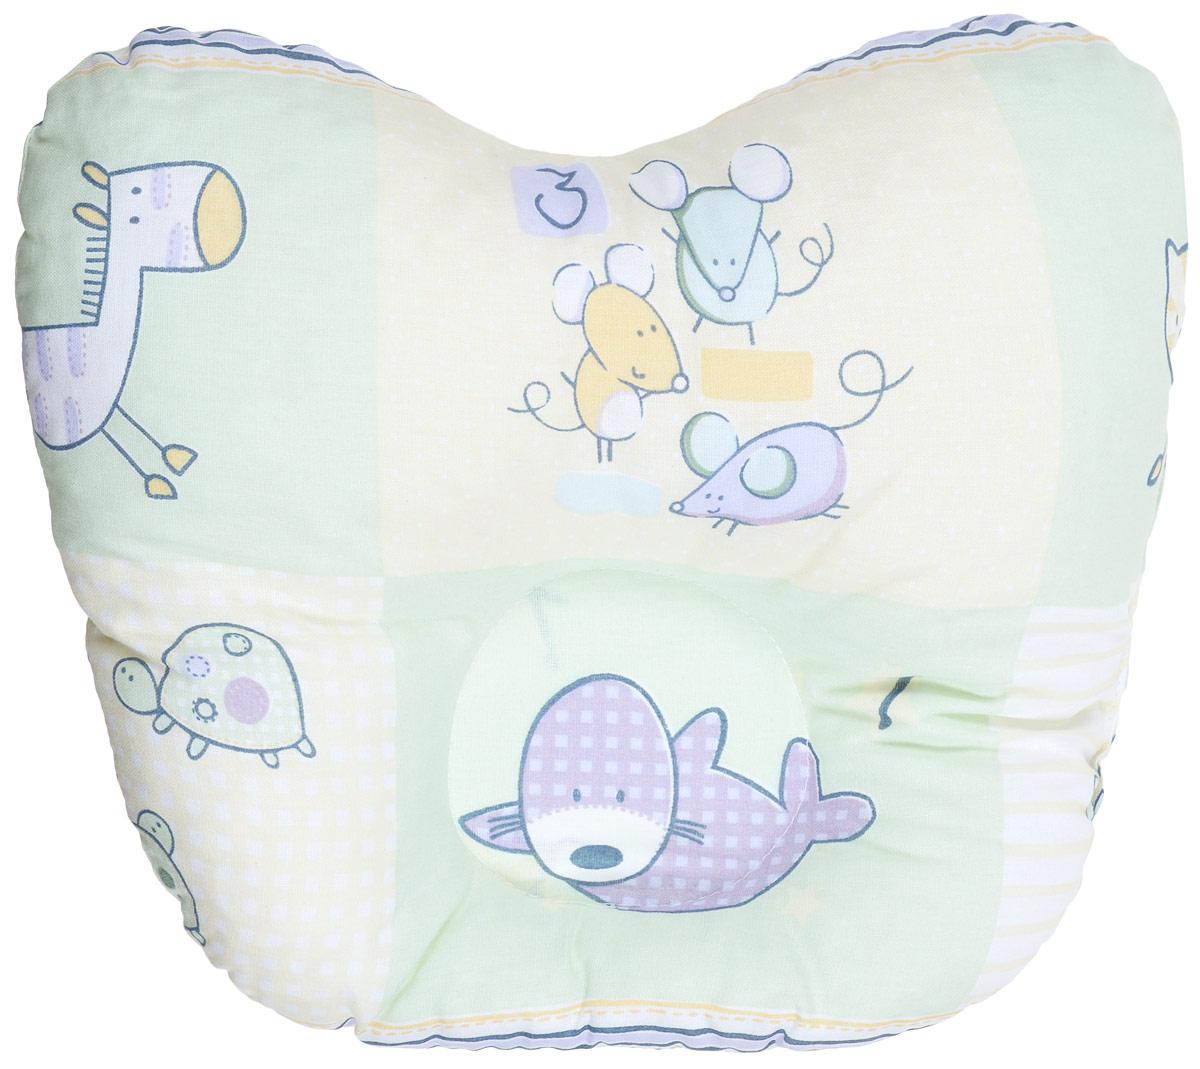 Сонный гномик Подушка анатомическая для младенцев Мыши, птицы, ежики 27 х 27 смIMINI8Анатомическая подушка для младенцев Сонный гномик Мыши, птицы, ежики изготовлена из бязи - 100% хлопка. Наполнитель - синтепон в гранулах (100% полиэстер).Подушка компактна и удобна для пеленания малыша и кормления на руках, она также незаменима для сна ребенка в кроватке и комфортна для использования в коляске на прогулке. Углубление в подушке фиксирует правильное положение головы ребенка.Подушка помогает правильному формированию шейного отдела позвоночника.